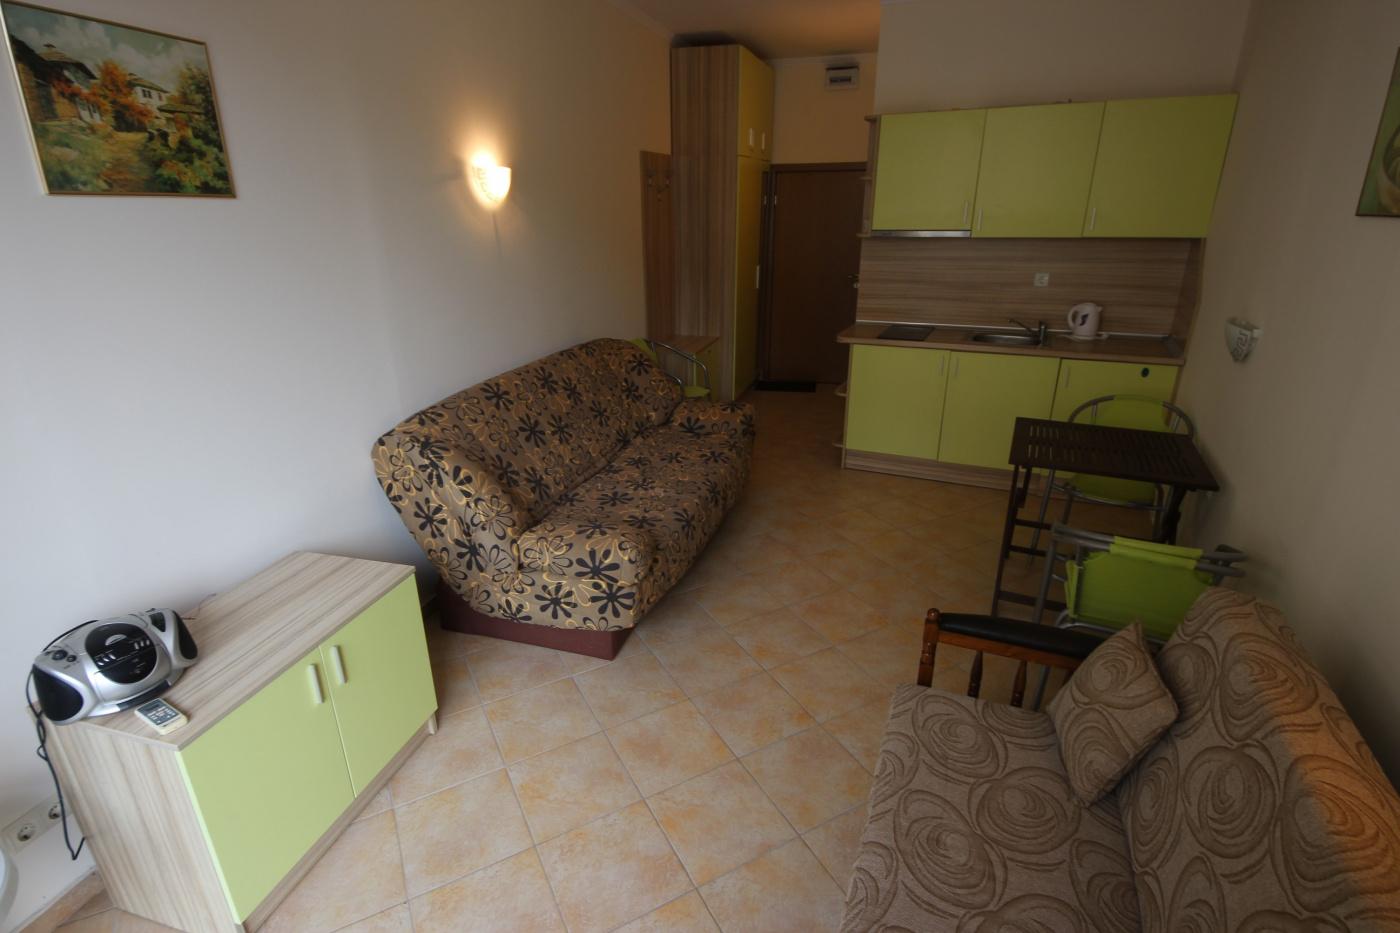 Negresco apartment C6